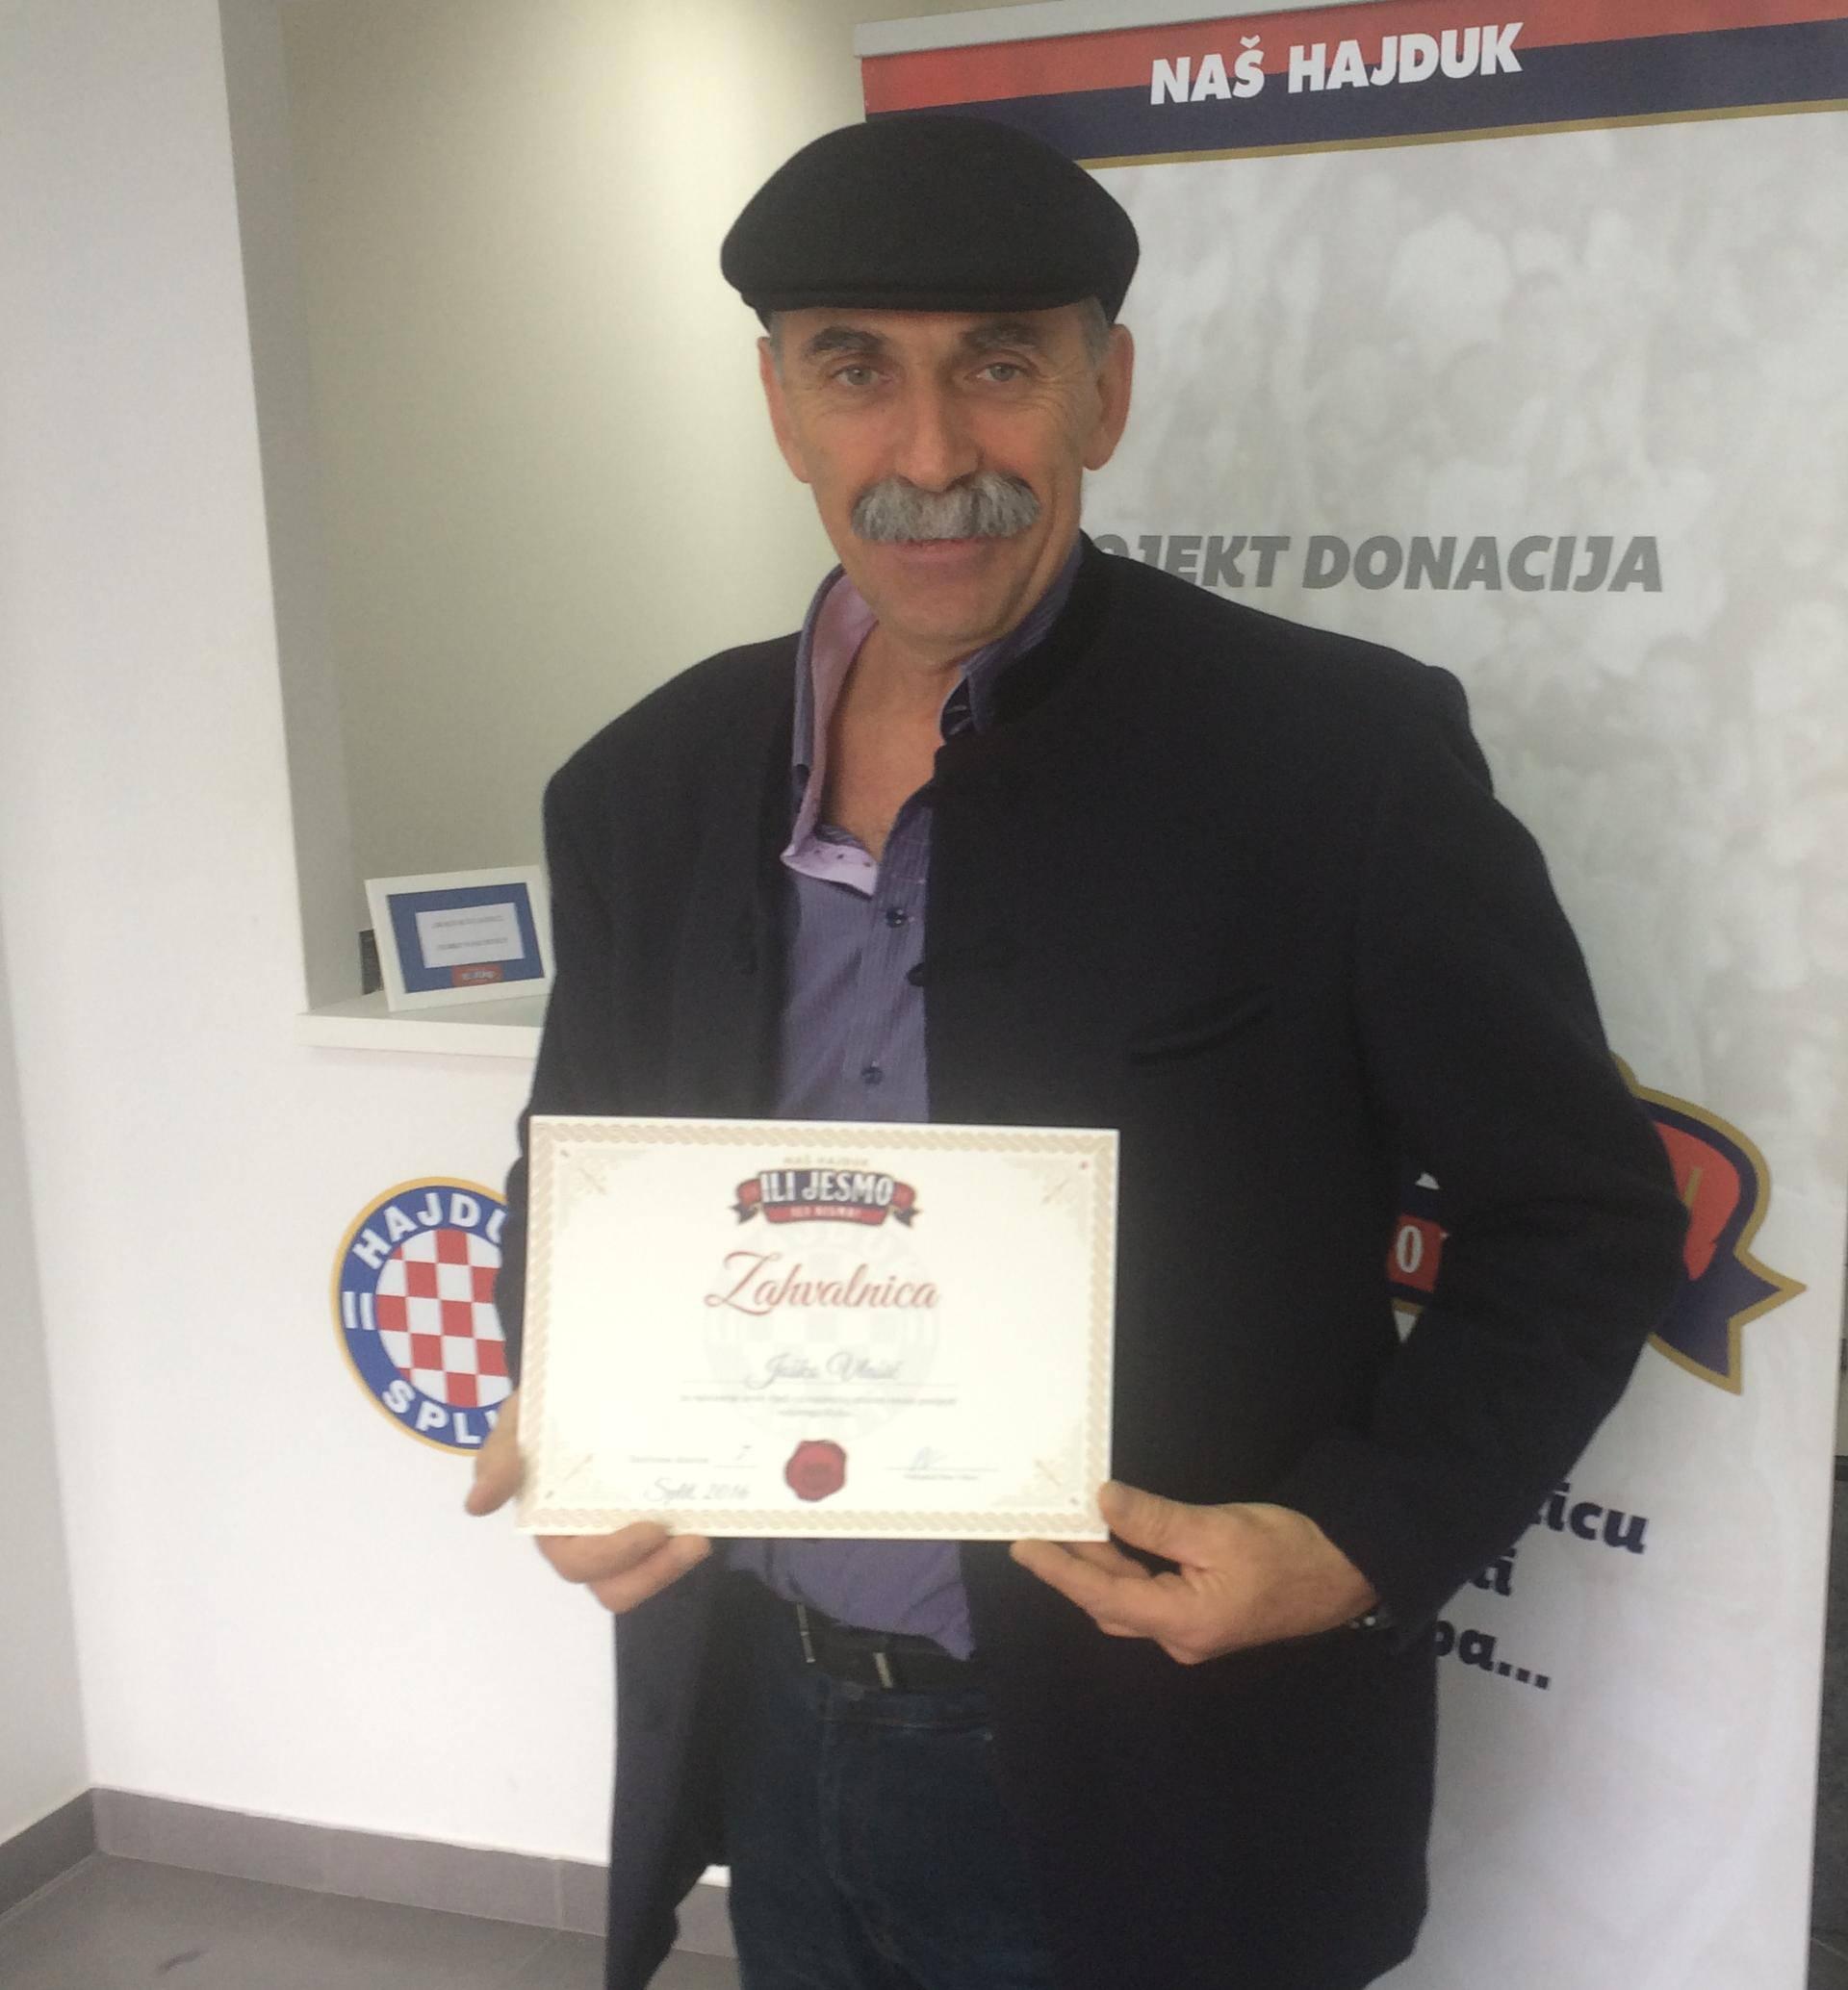 Vlašić: Hajduk mora biti simbol otpora, ima nas i možemo to...